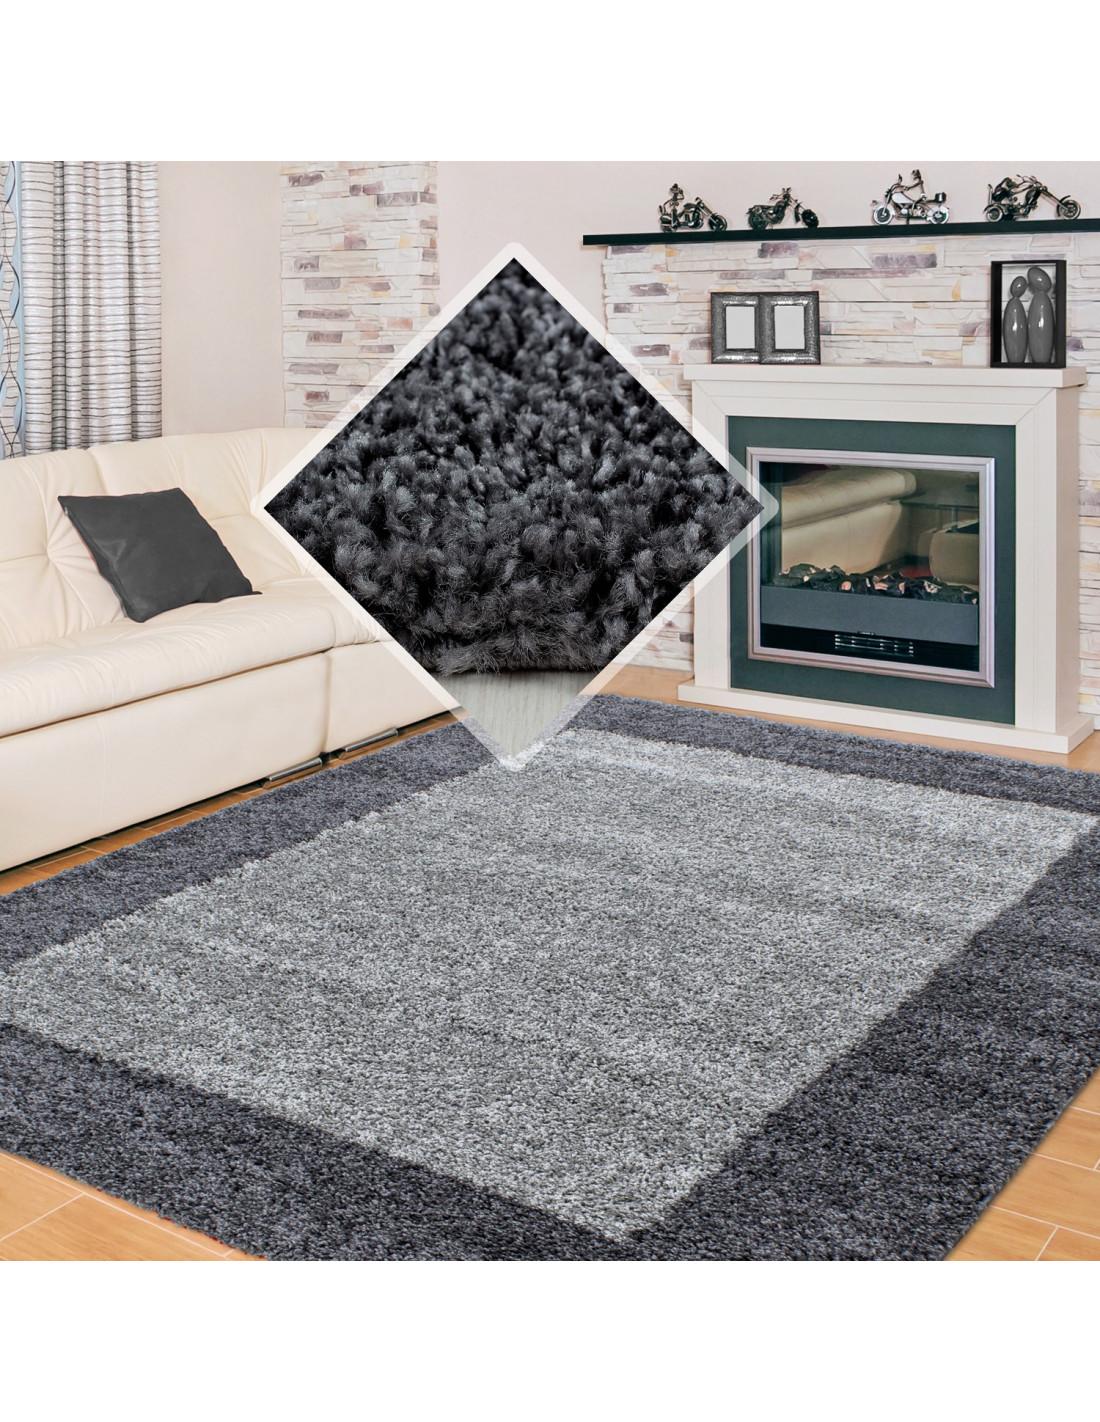 teppich grau hochflor top elegant teppich rund grau hochflor benuta hochflor teppich whisper. Black Bedroom Furniture Sets. Home Design Ideas